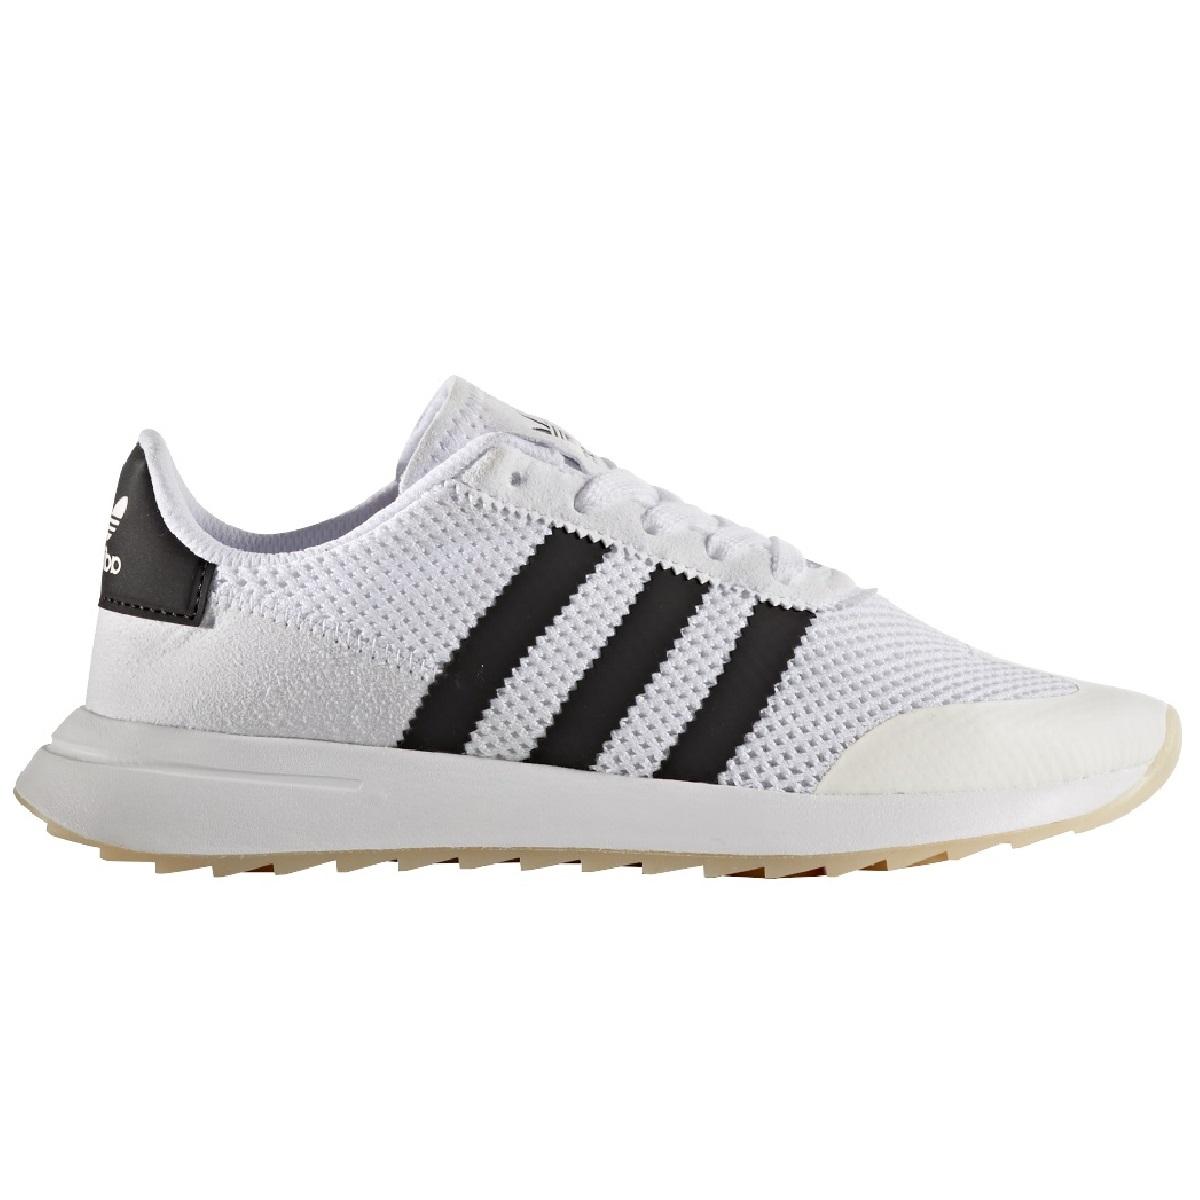 sport klingenmaier adidas originals flashback sneaker. Black Bedroom Furniture Sets. Home Design Ideas